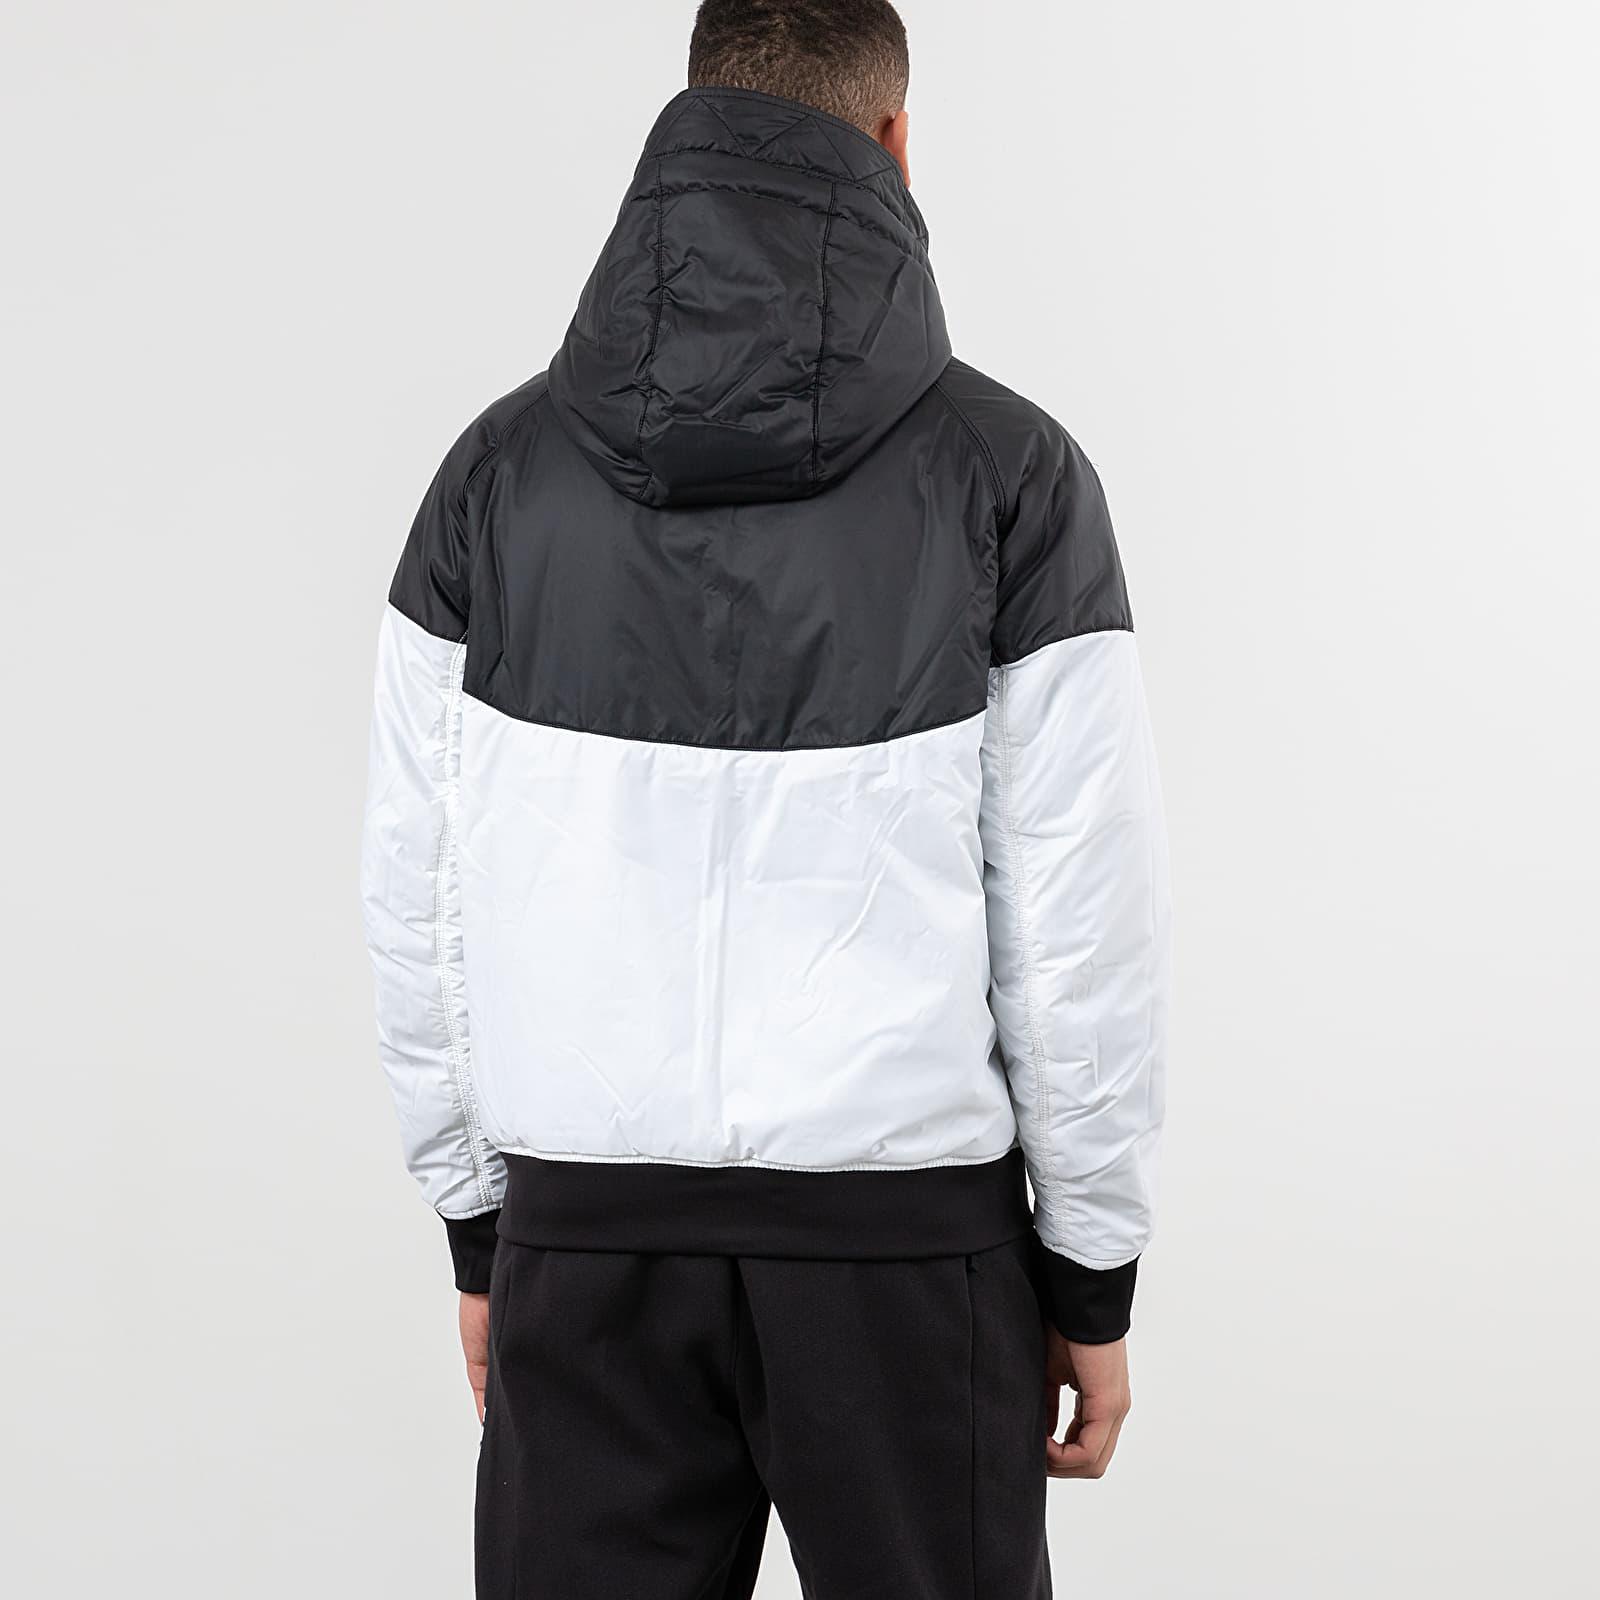 Nike Sportswear Windrunner Hooded Reversible Jacket Black Black White Sail | Footshop